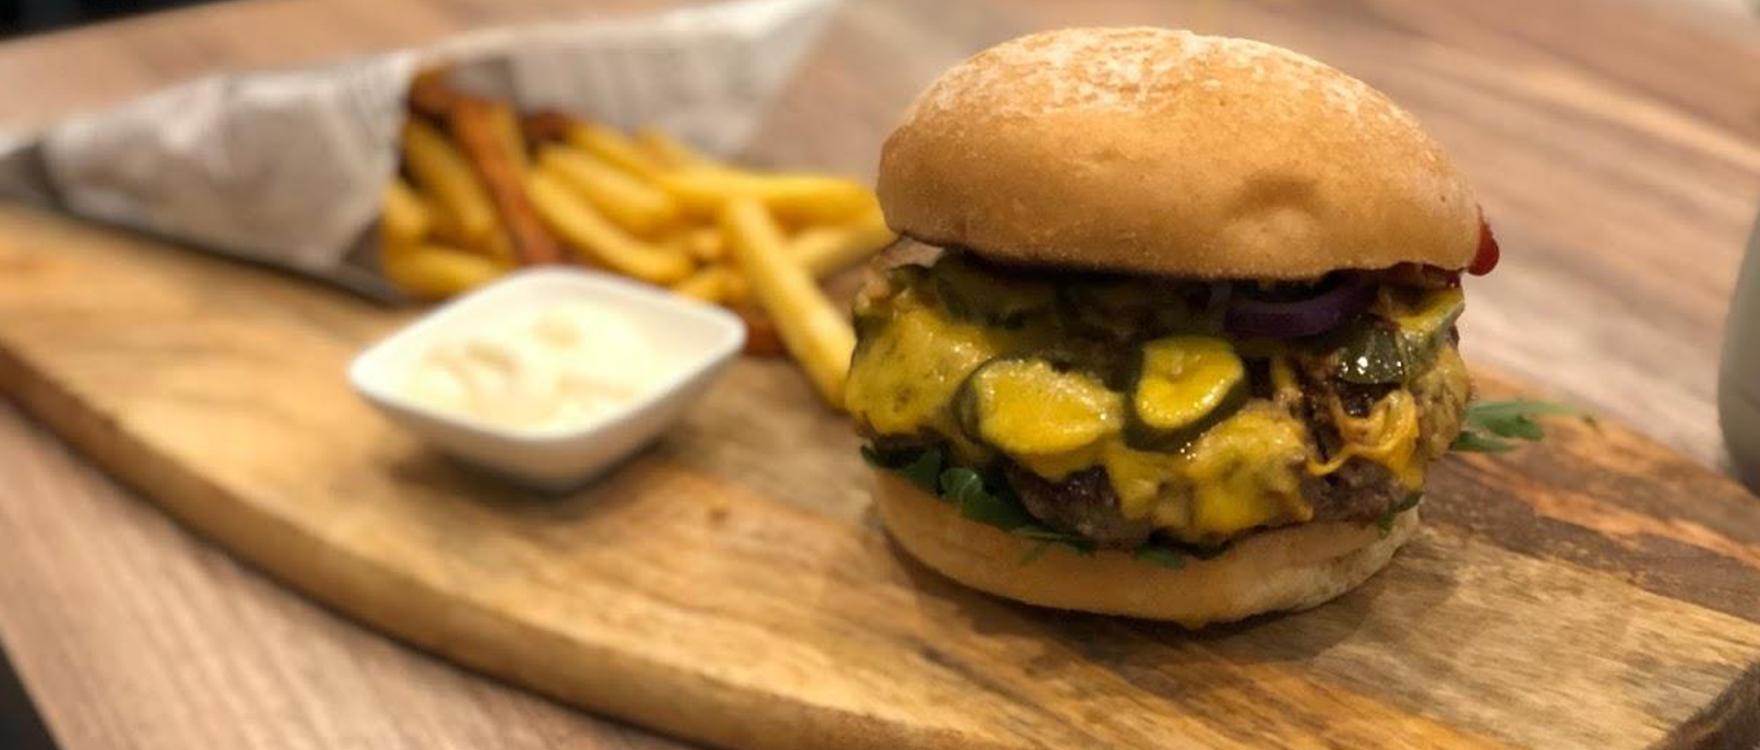 burgermeister-mainz-banner-005